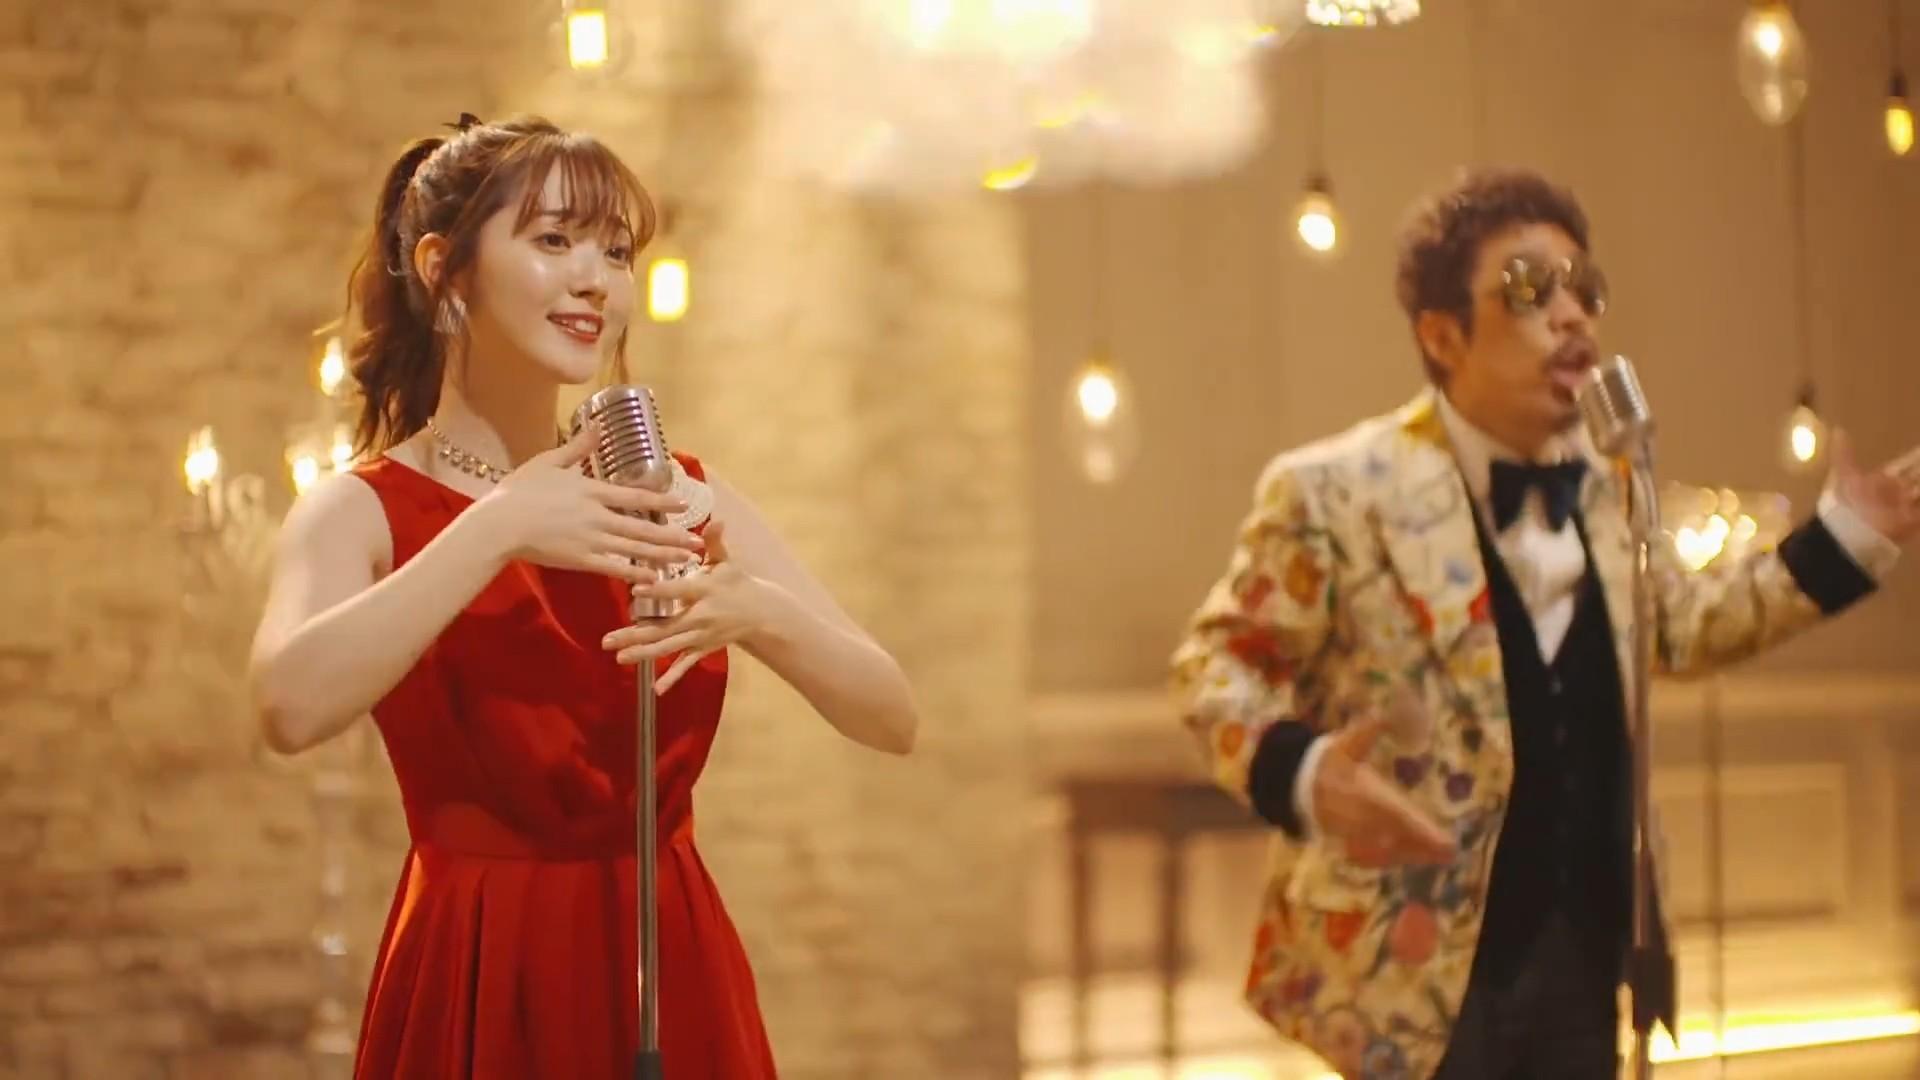 小姐姐真可爱!TV动画《辉夜大小姐想让我告白》第二季片头曲MV公开- ACG17.COM